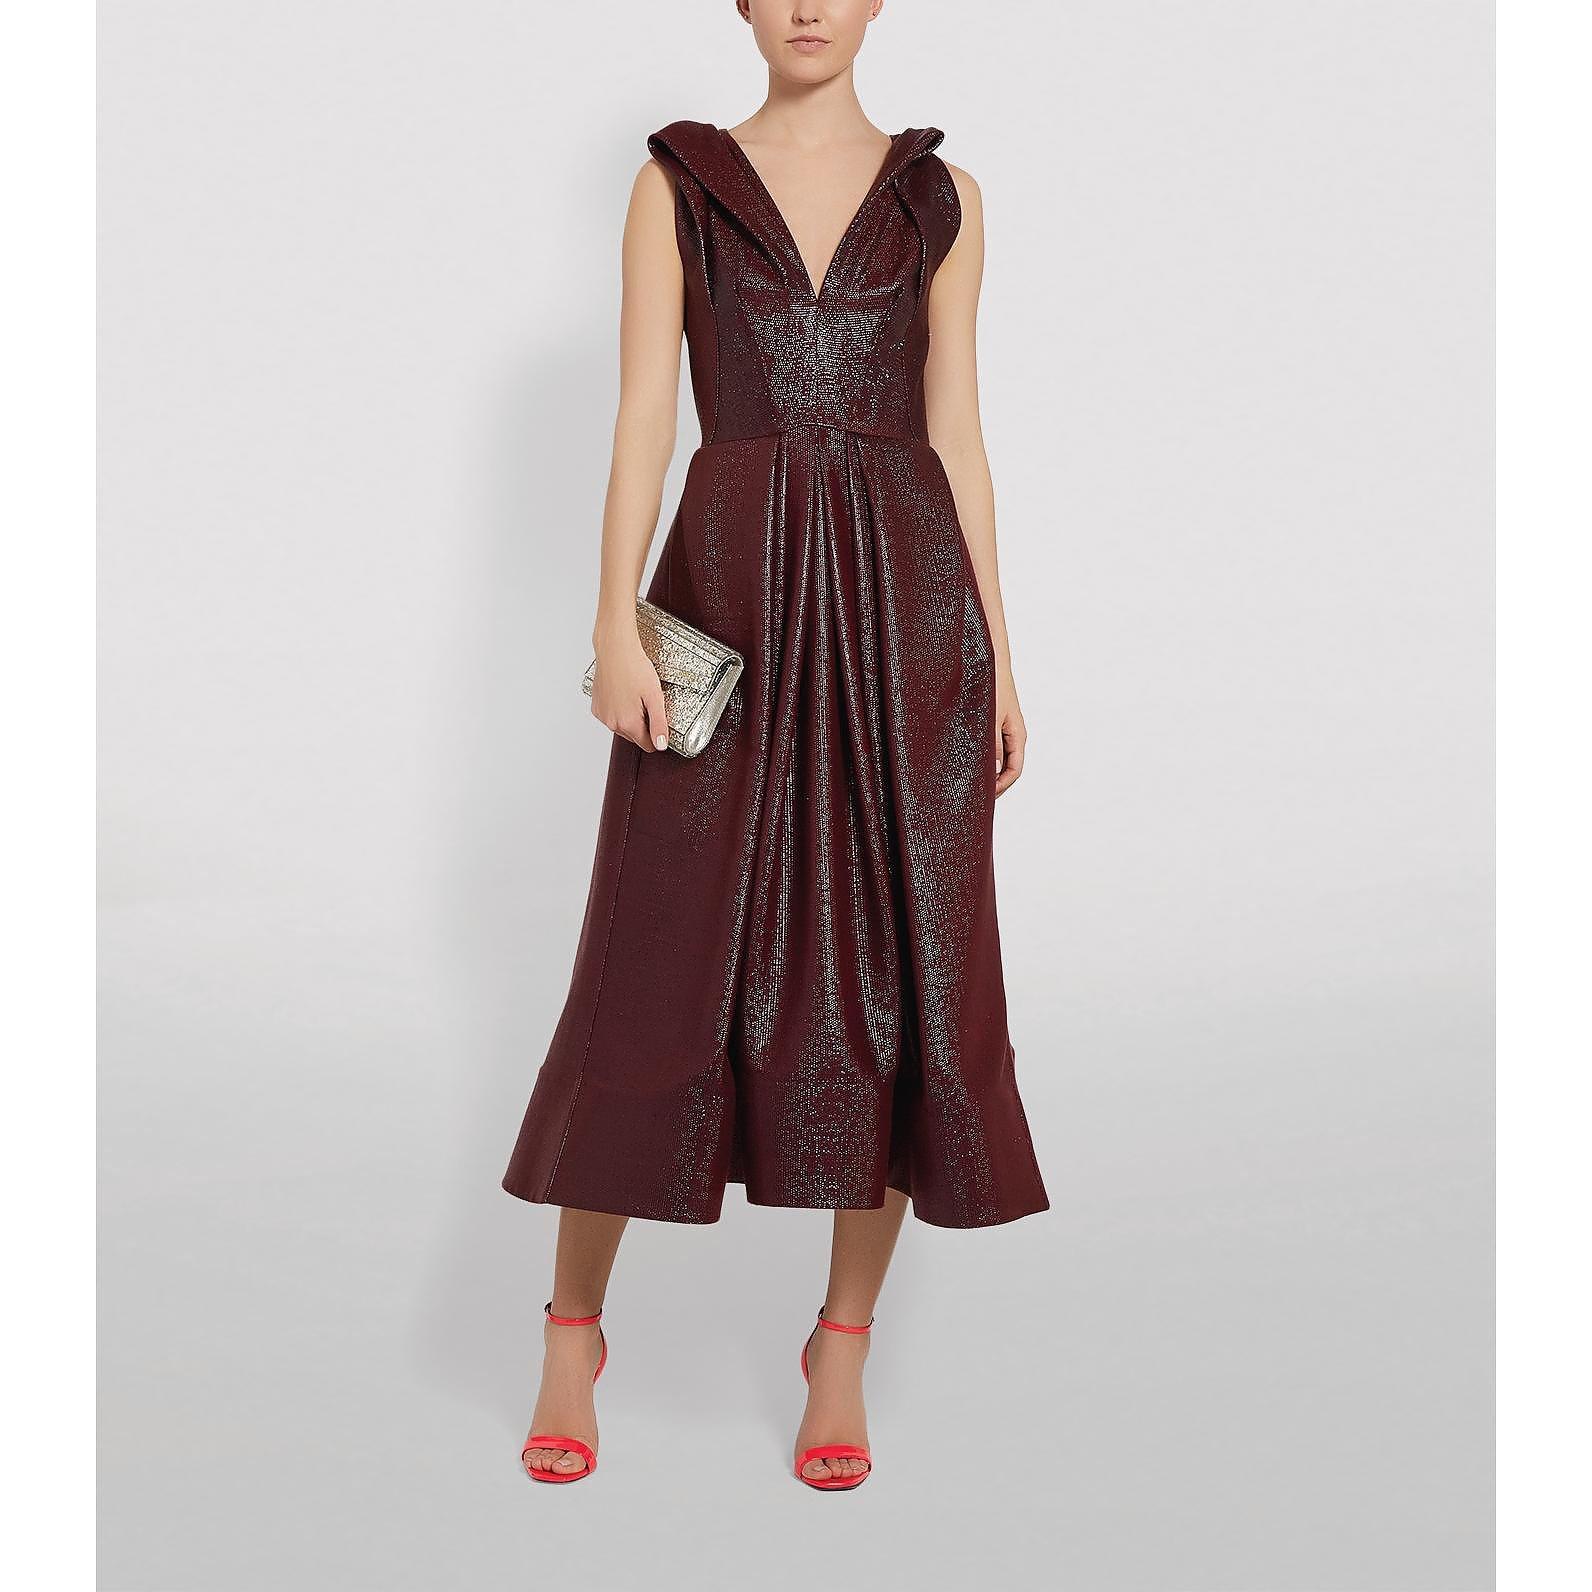 Maticevski Mariposa Midi Dress